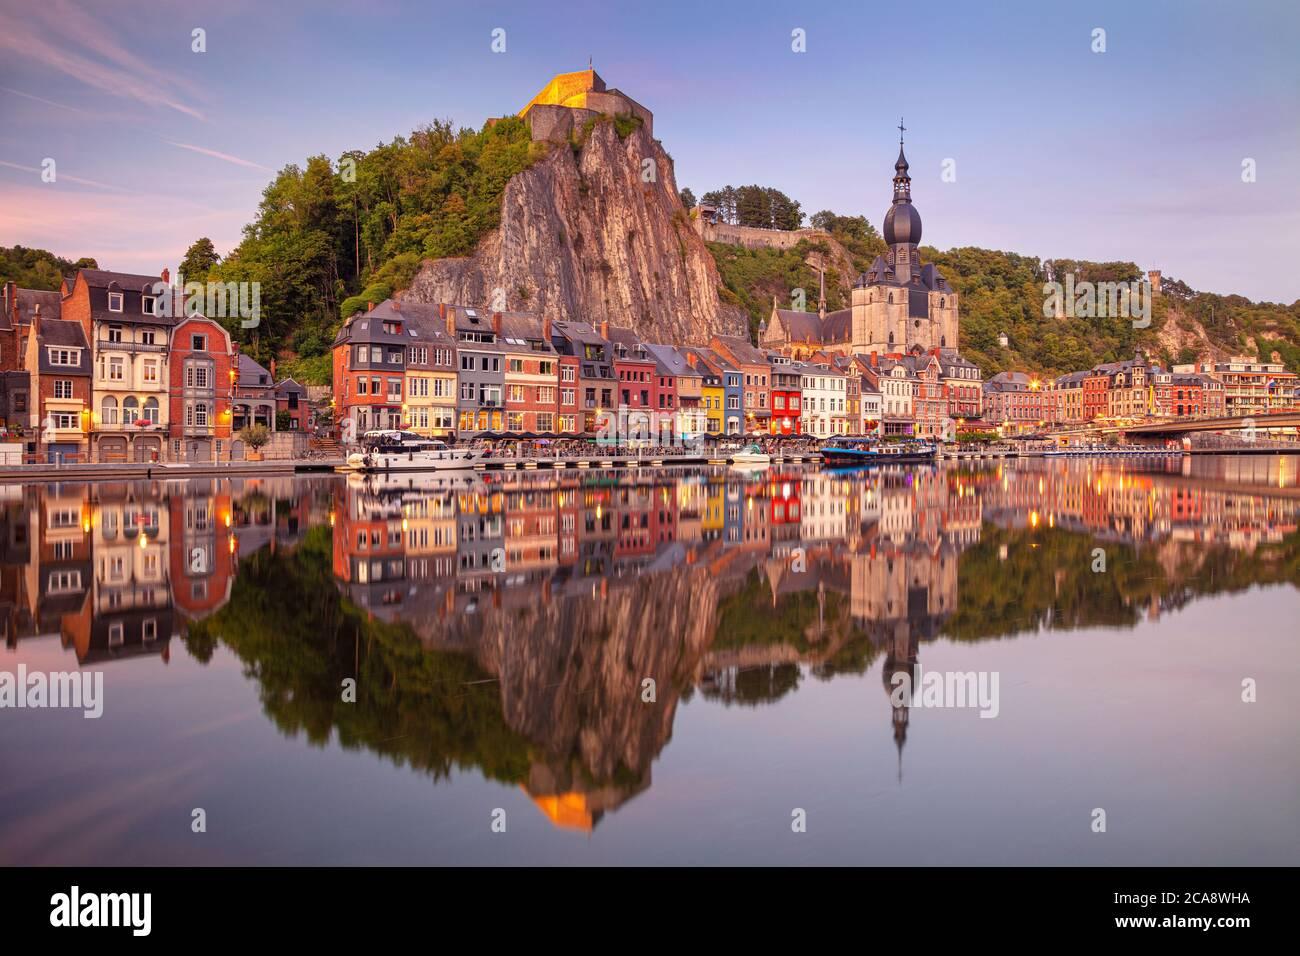 Dinant, Belgique. Image de paysage urbain de la belle ville historique de Dinant avec le reflet de la ville dans la Meuse au coucher du soleil d'été. Banque D'Images